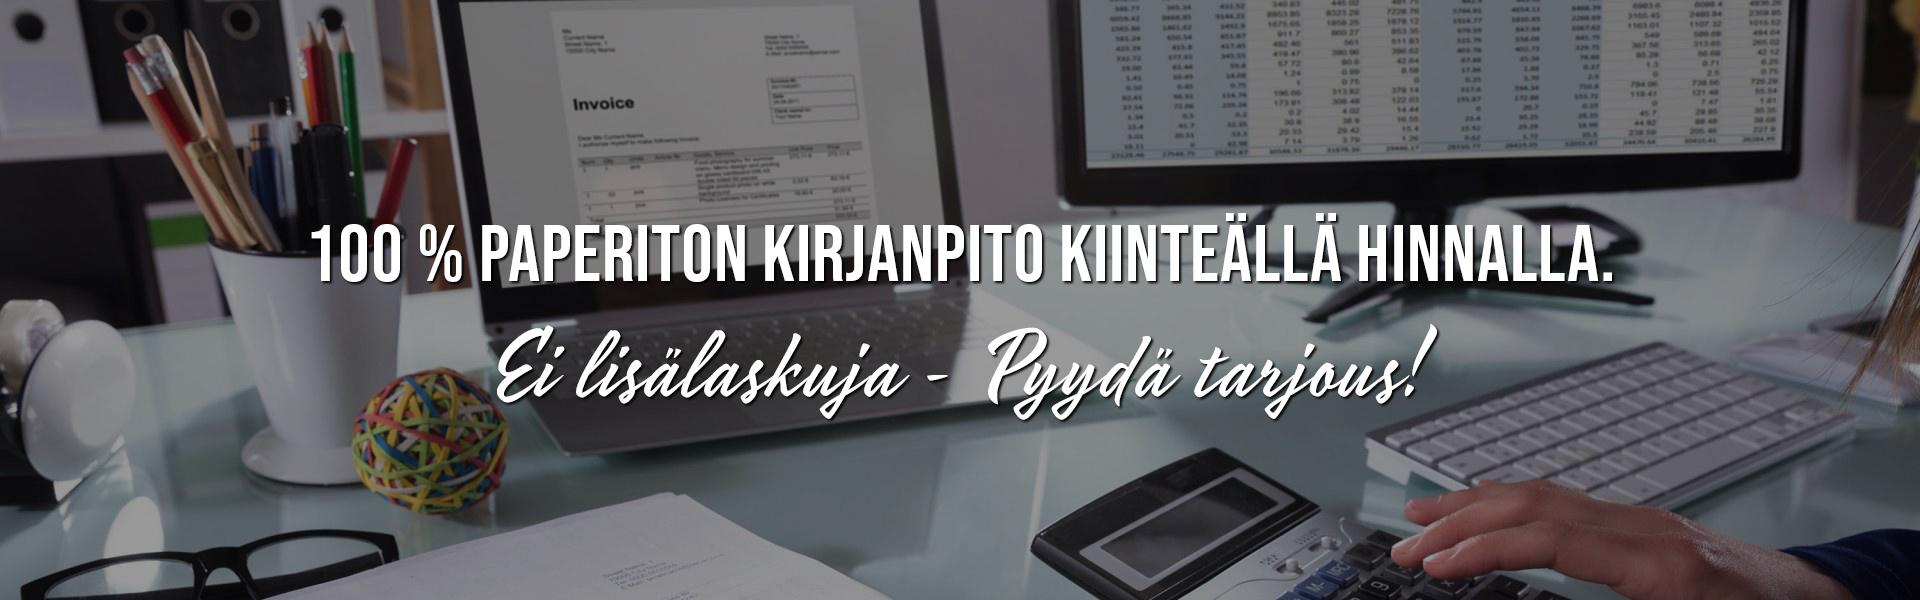 Paperiton kirjanpito kiinteällä kk-hinnalla |Yrityspalvelut Hakanen - Tampere